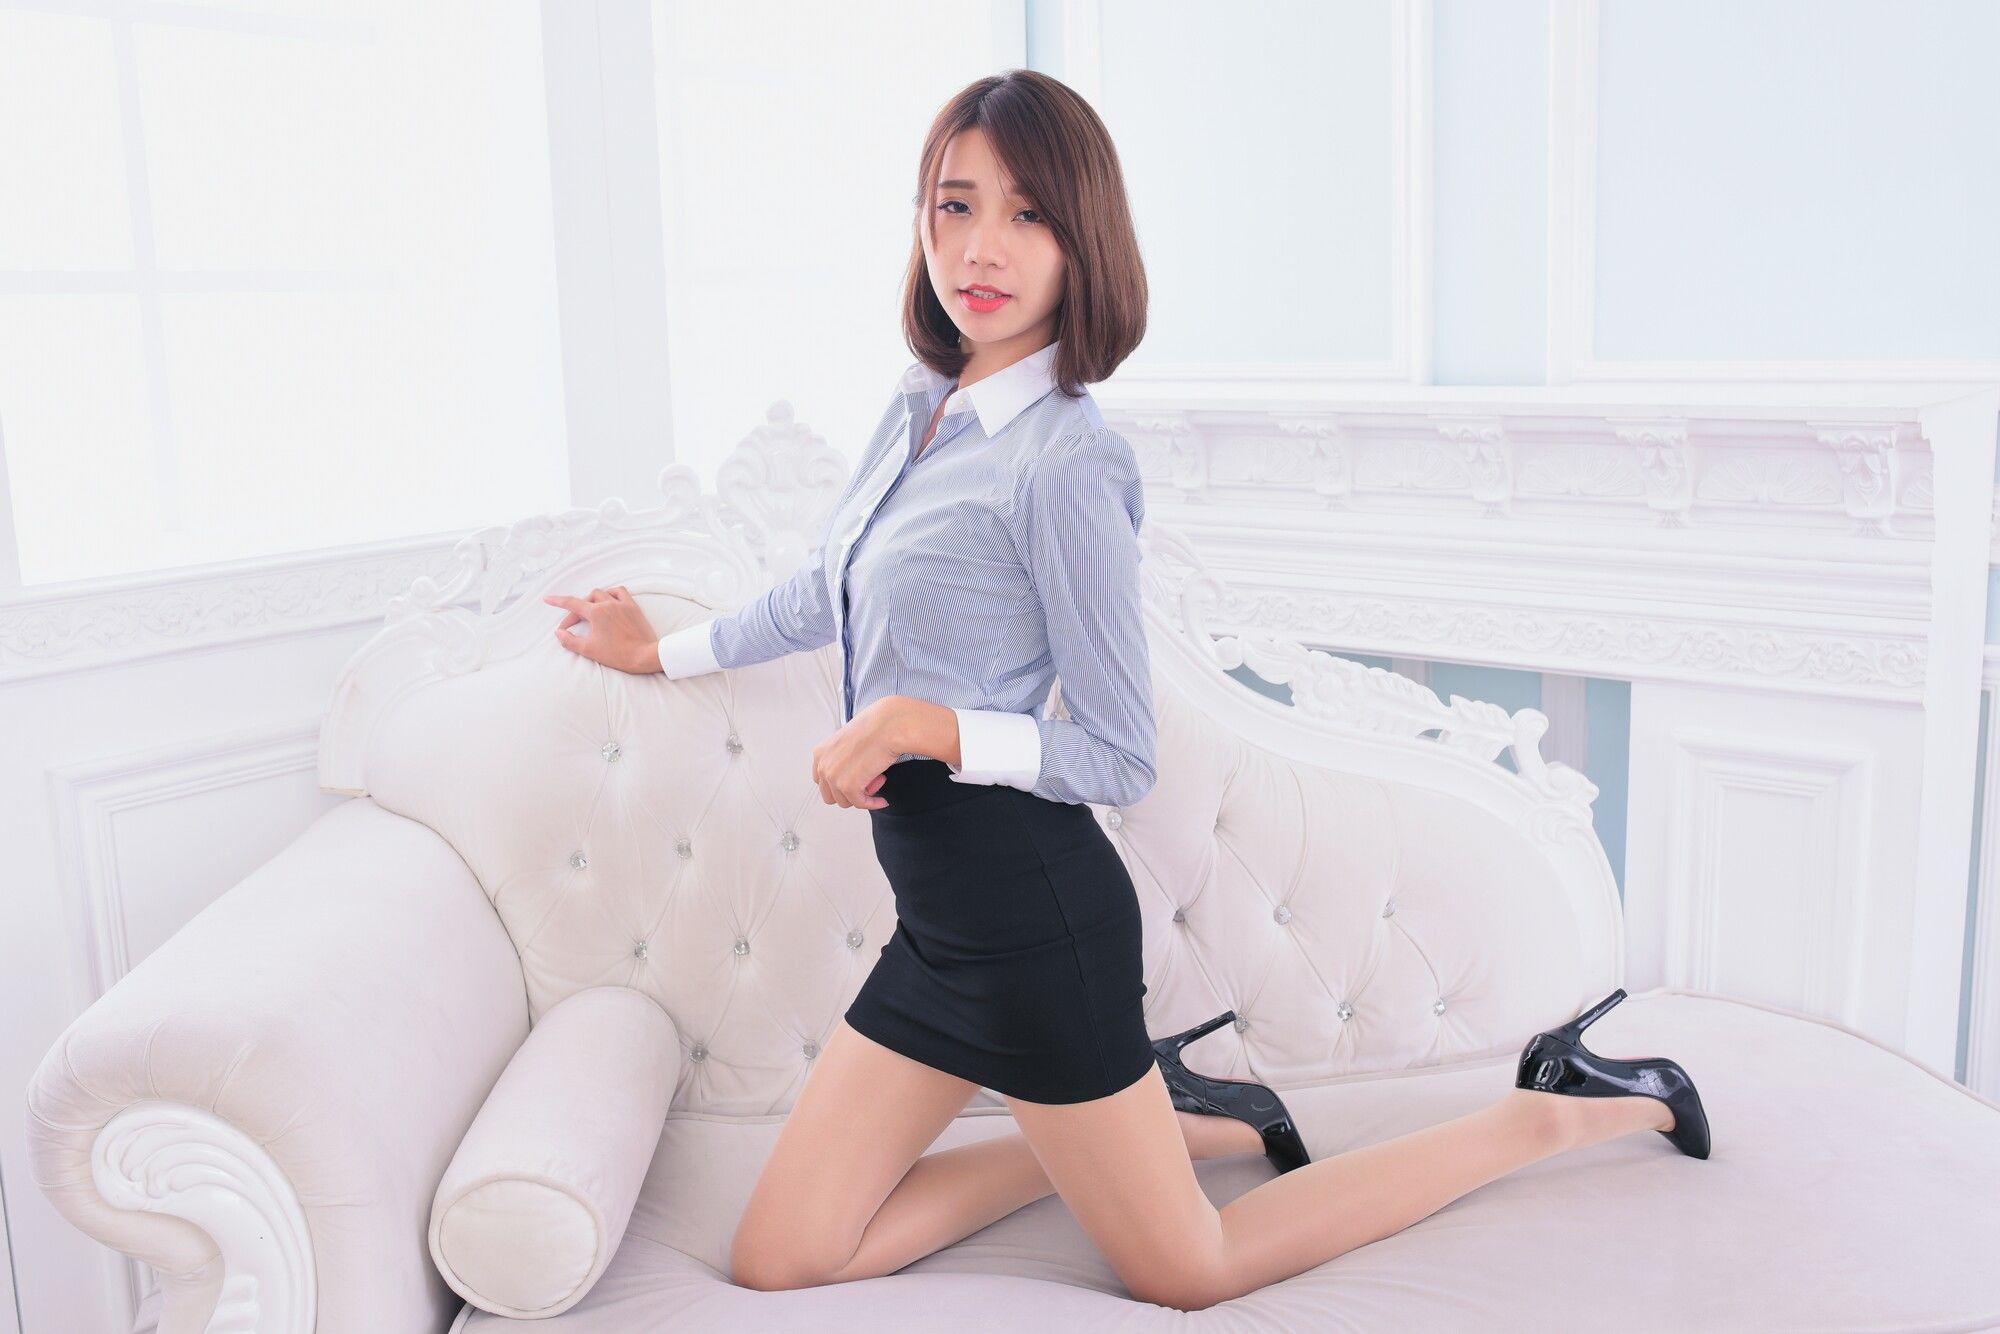 VOL.1275 [台湾正妹]OL美女长腿美女:黄竹萱超高清个人性感漂亮大图(30P)